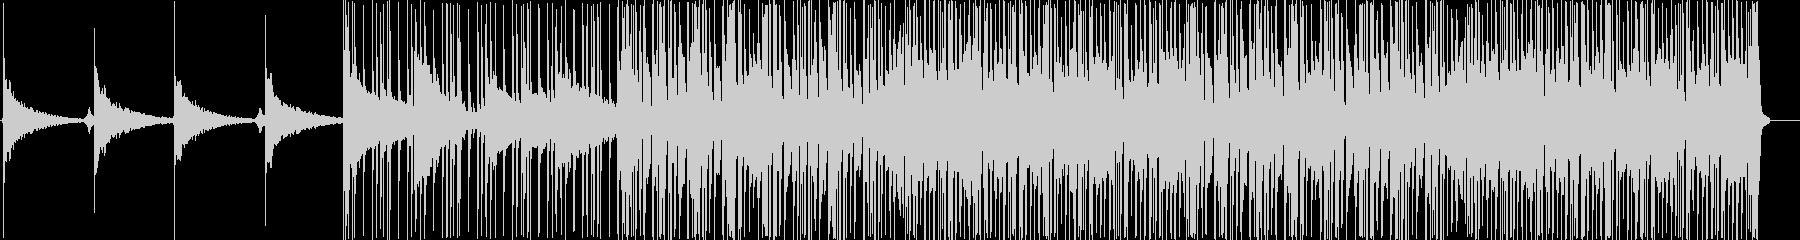 アコーステックギターのRock調なBGMの未再生の波形